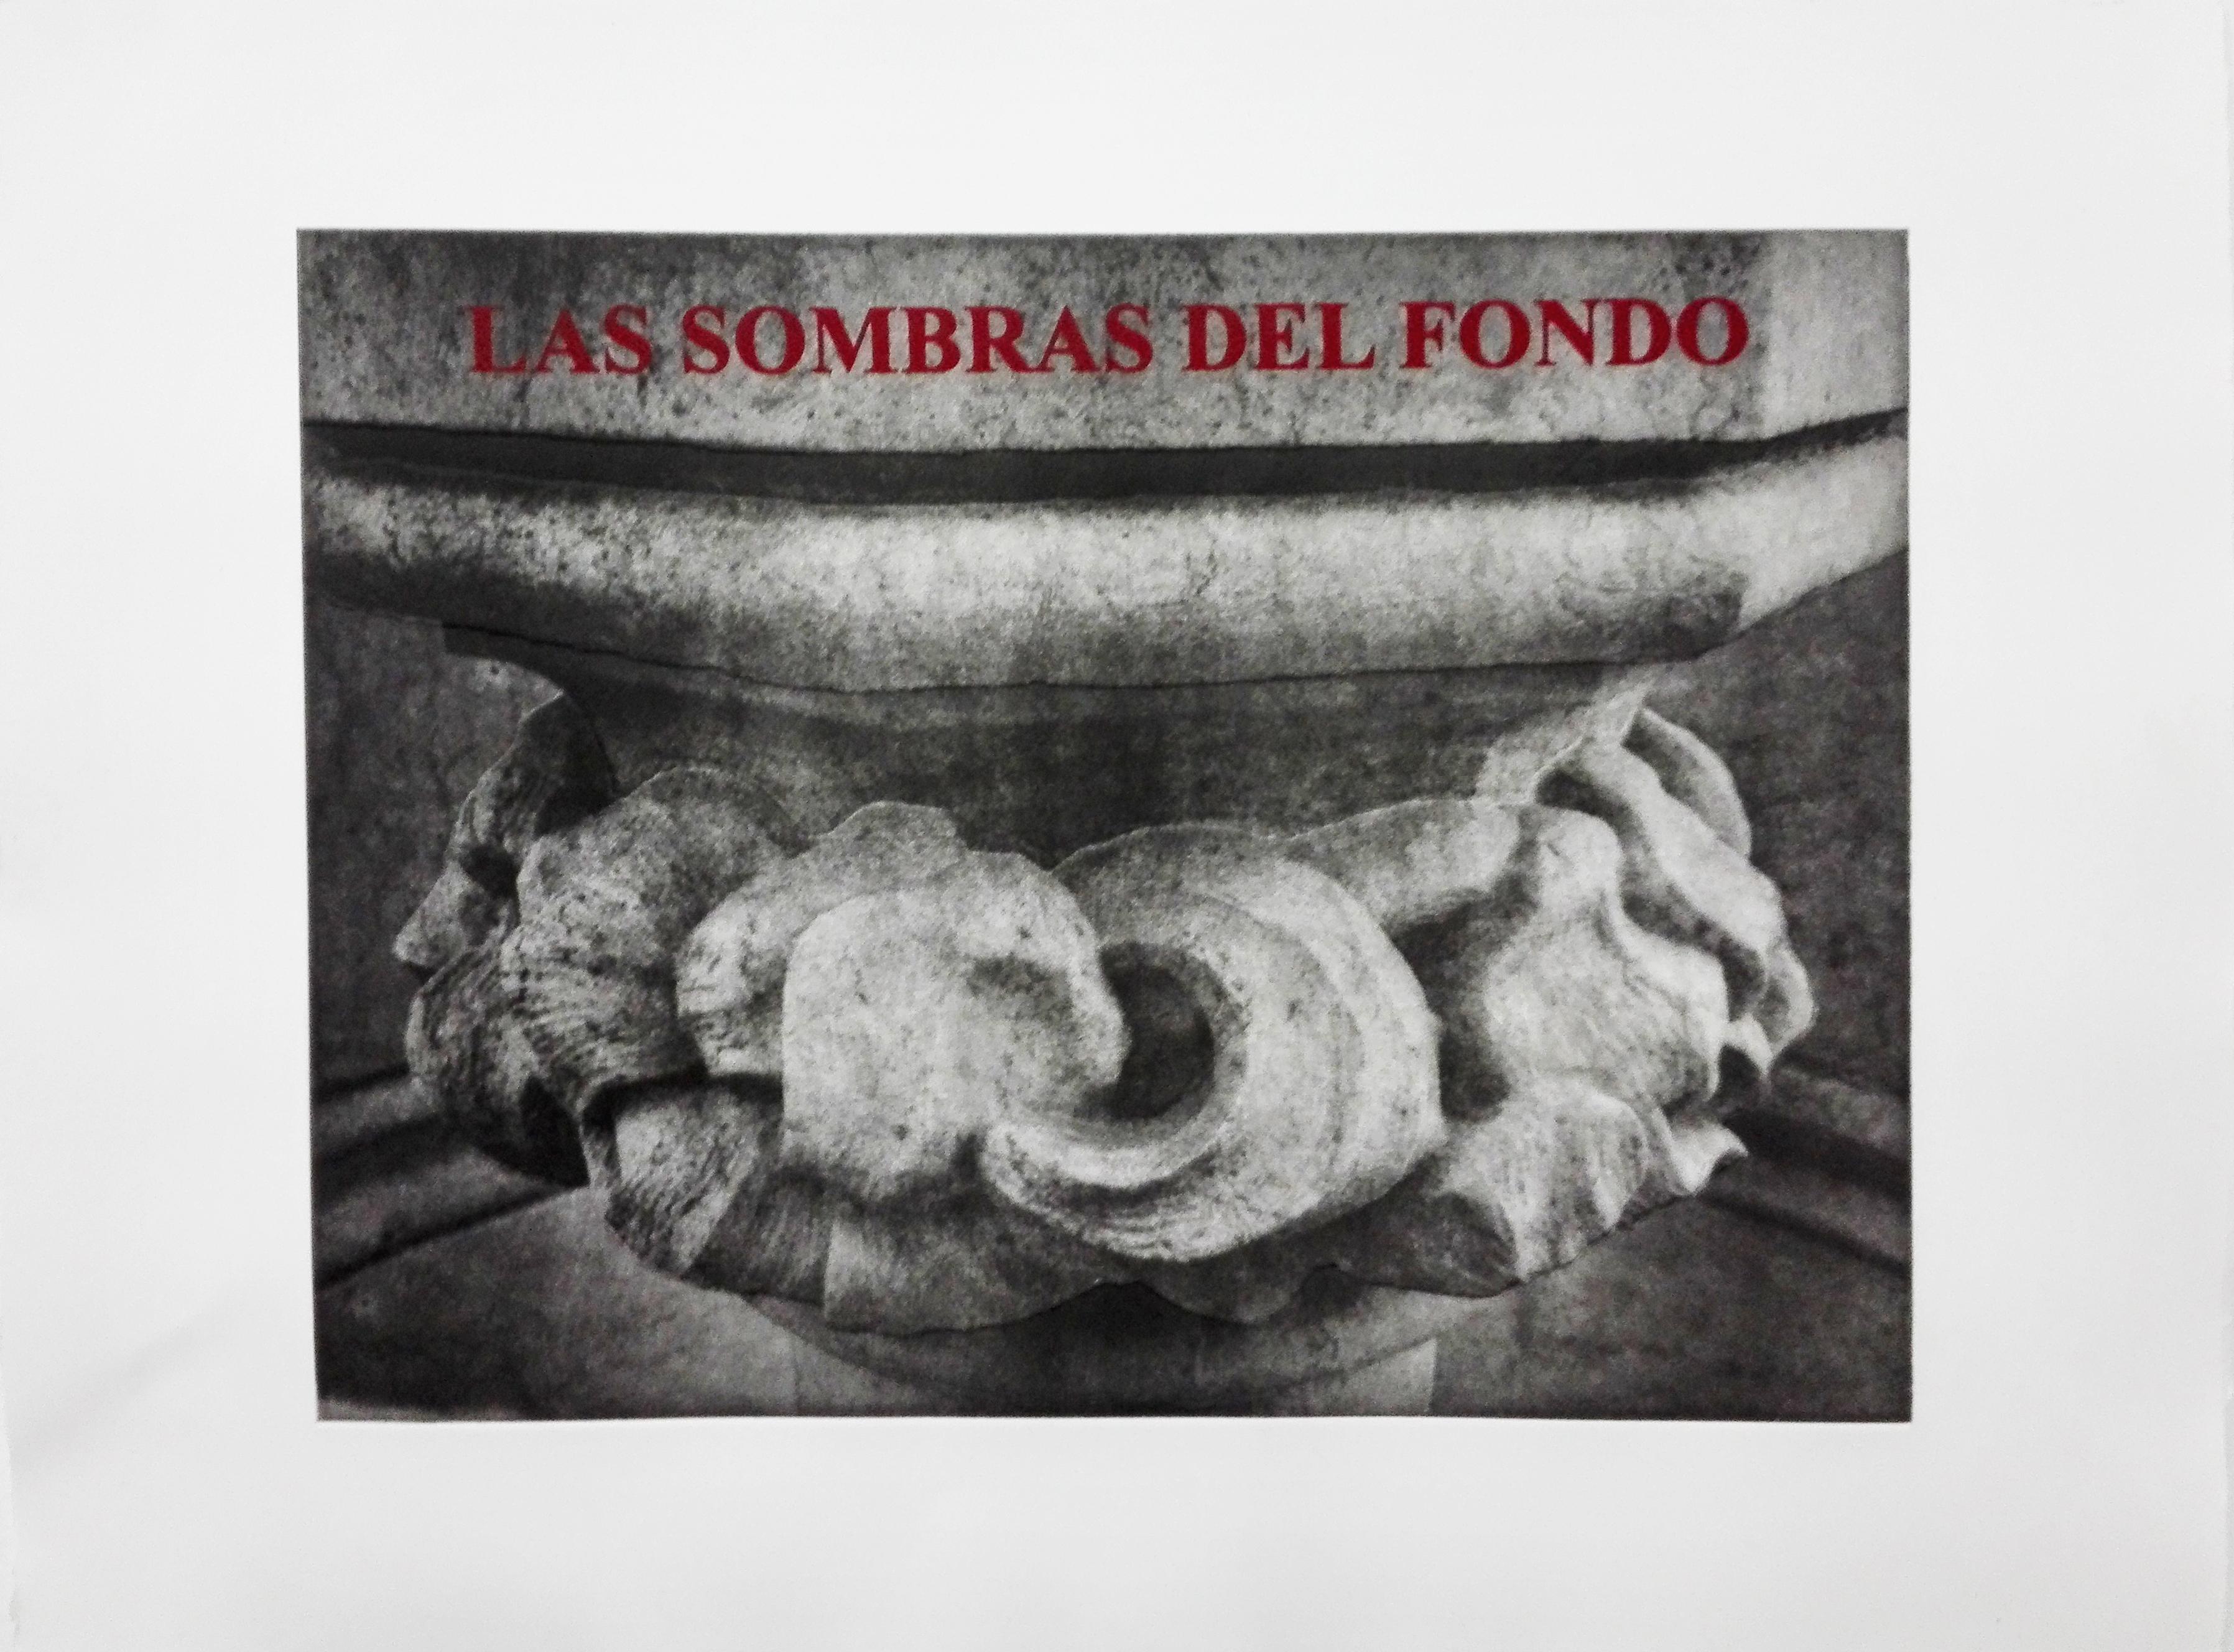 LAS SOMBRAS DEL FONDO